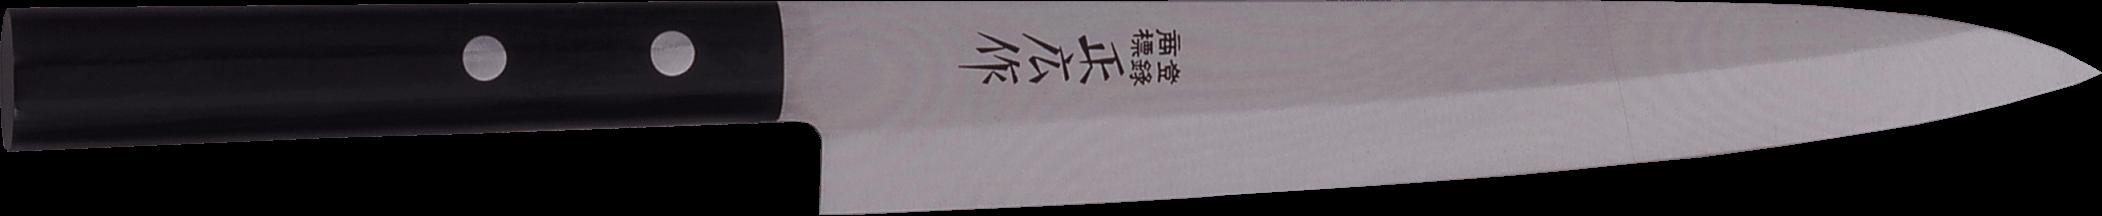 Masahiro dispose de couteaux de qualité possédant une dureté qui s'élève entre 59 et 60